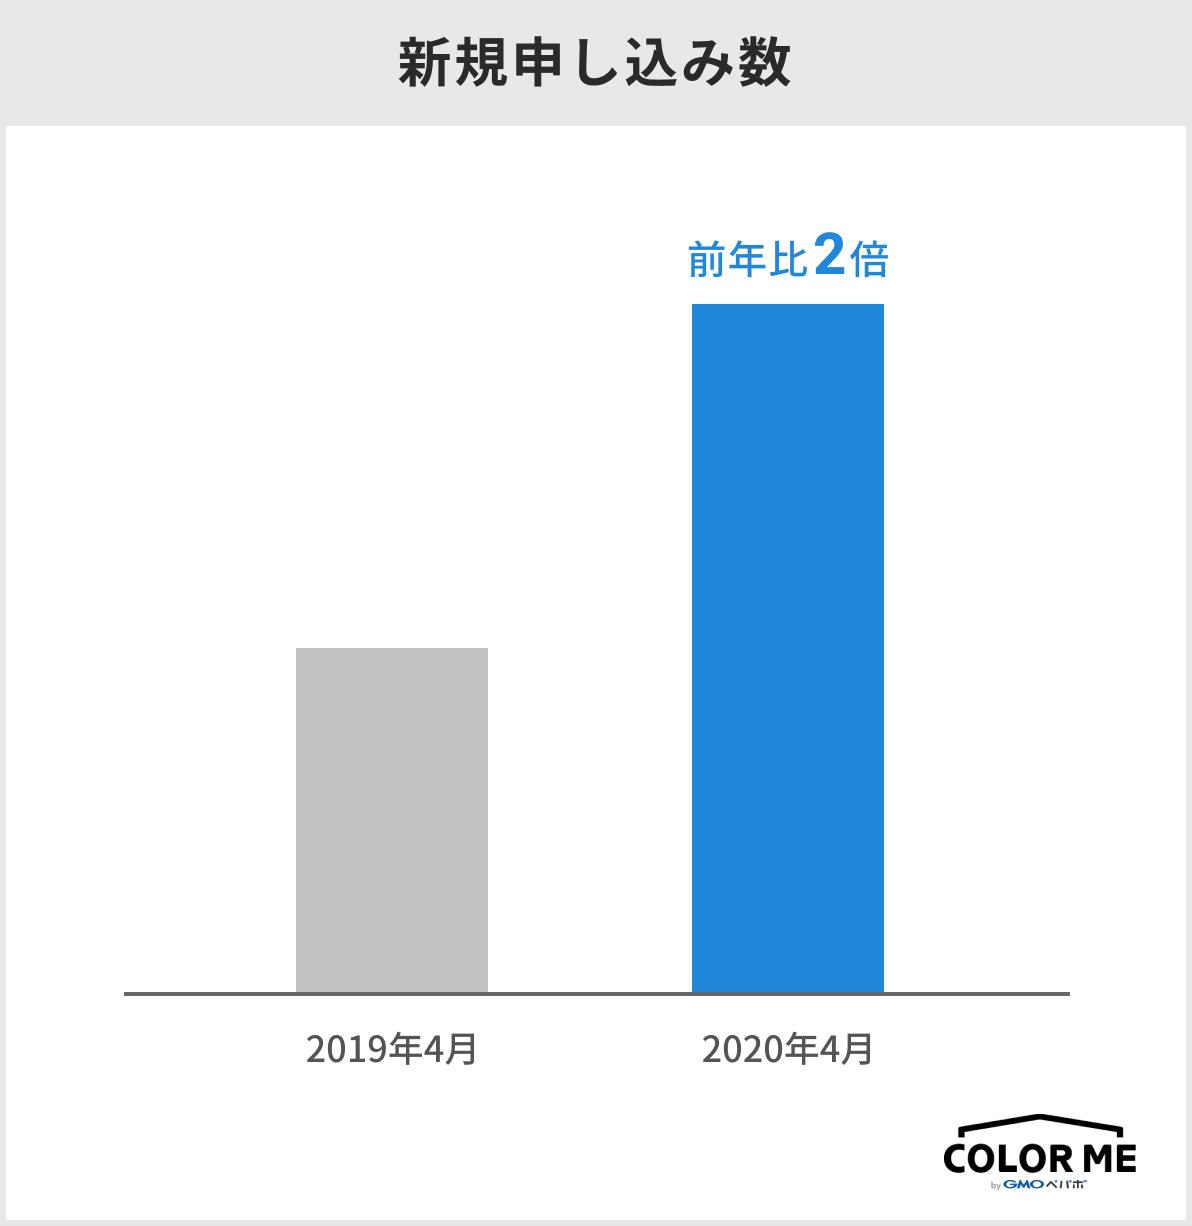 新規申し込み数のグラフの画像。2020年4月の新規申込数は、2019年4月と比較して2倍に成長している。